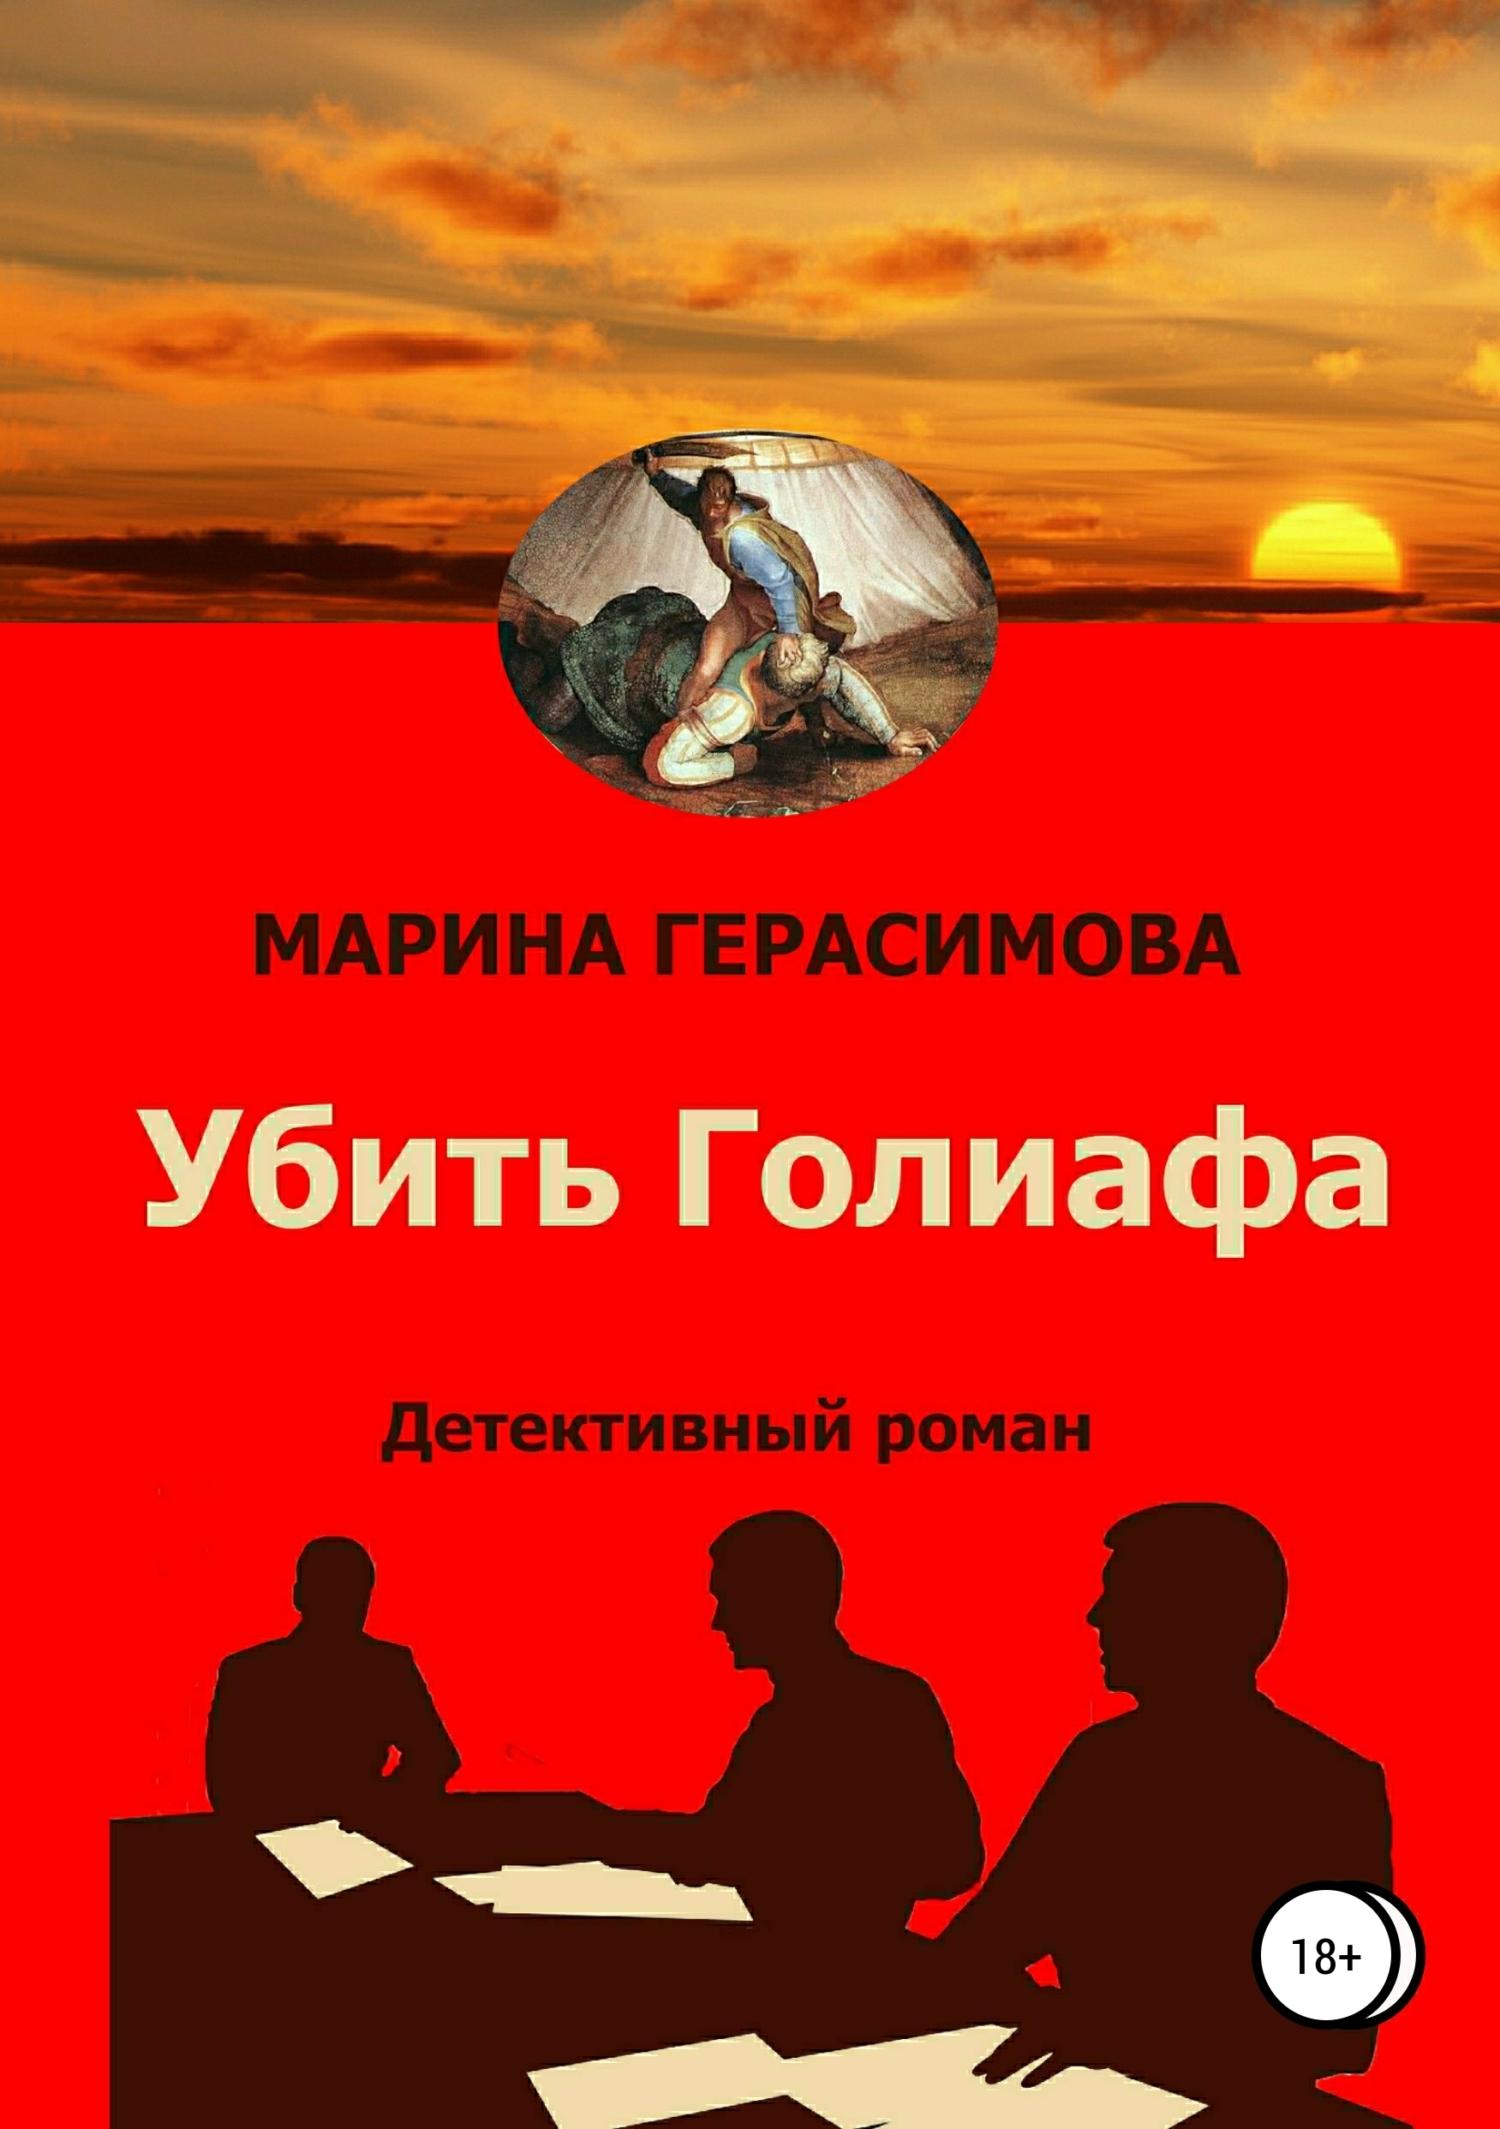 Убить Голиафа_Марина Валерьевна Герасимова